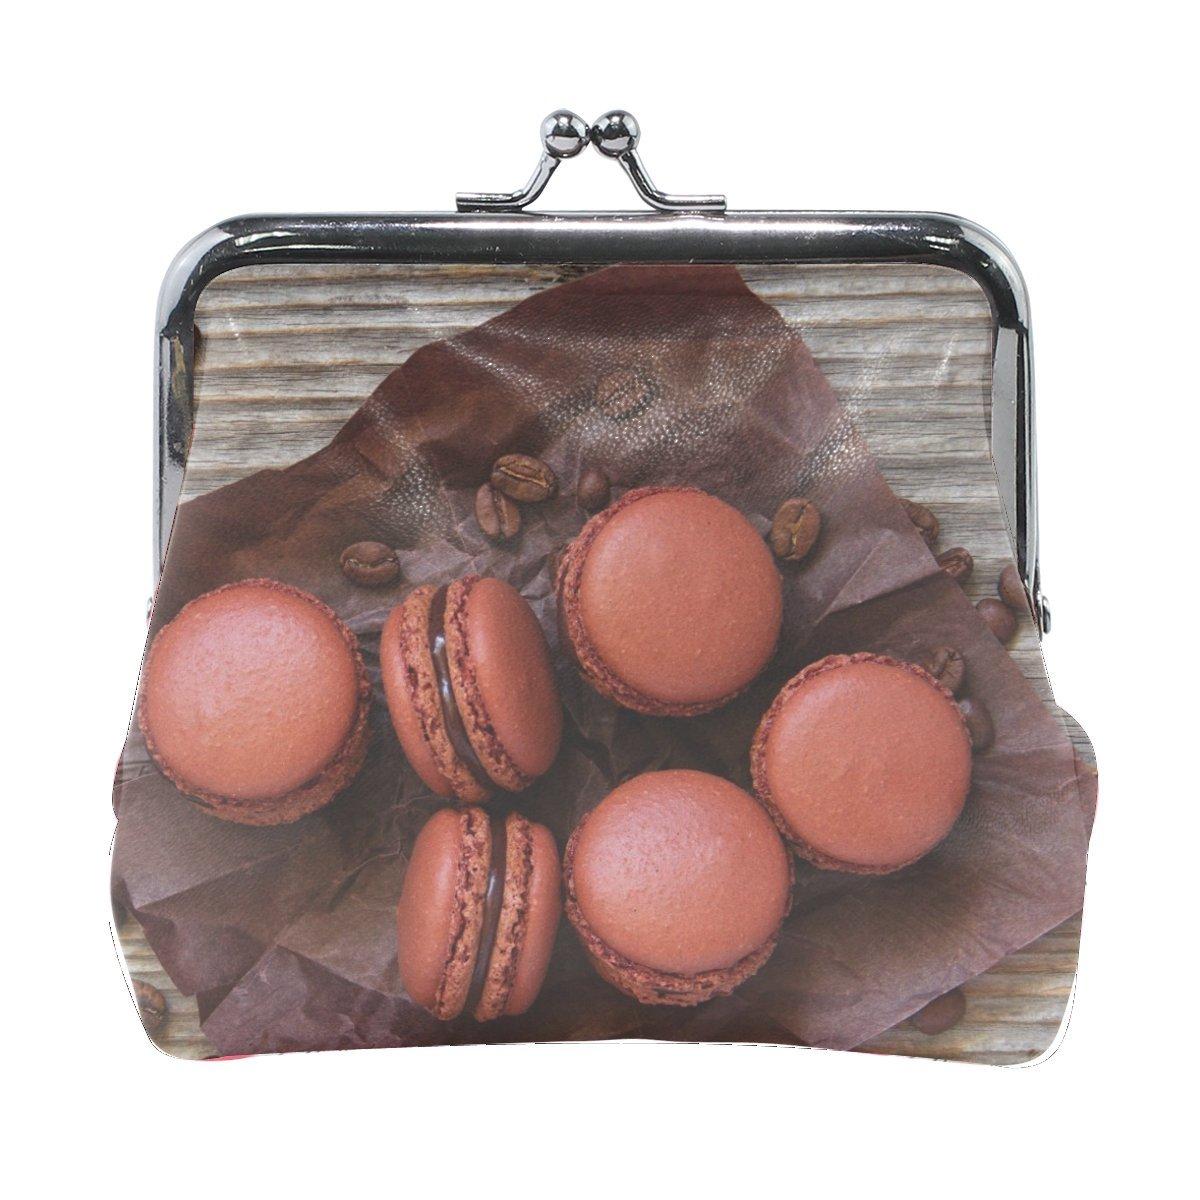 Women Macaroon Coffee Cereals Cookies Print Wallet Exquisite Clasp Coin Purse Girls Clutch Handbag